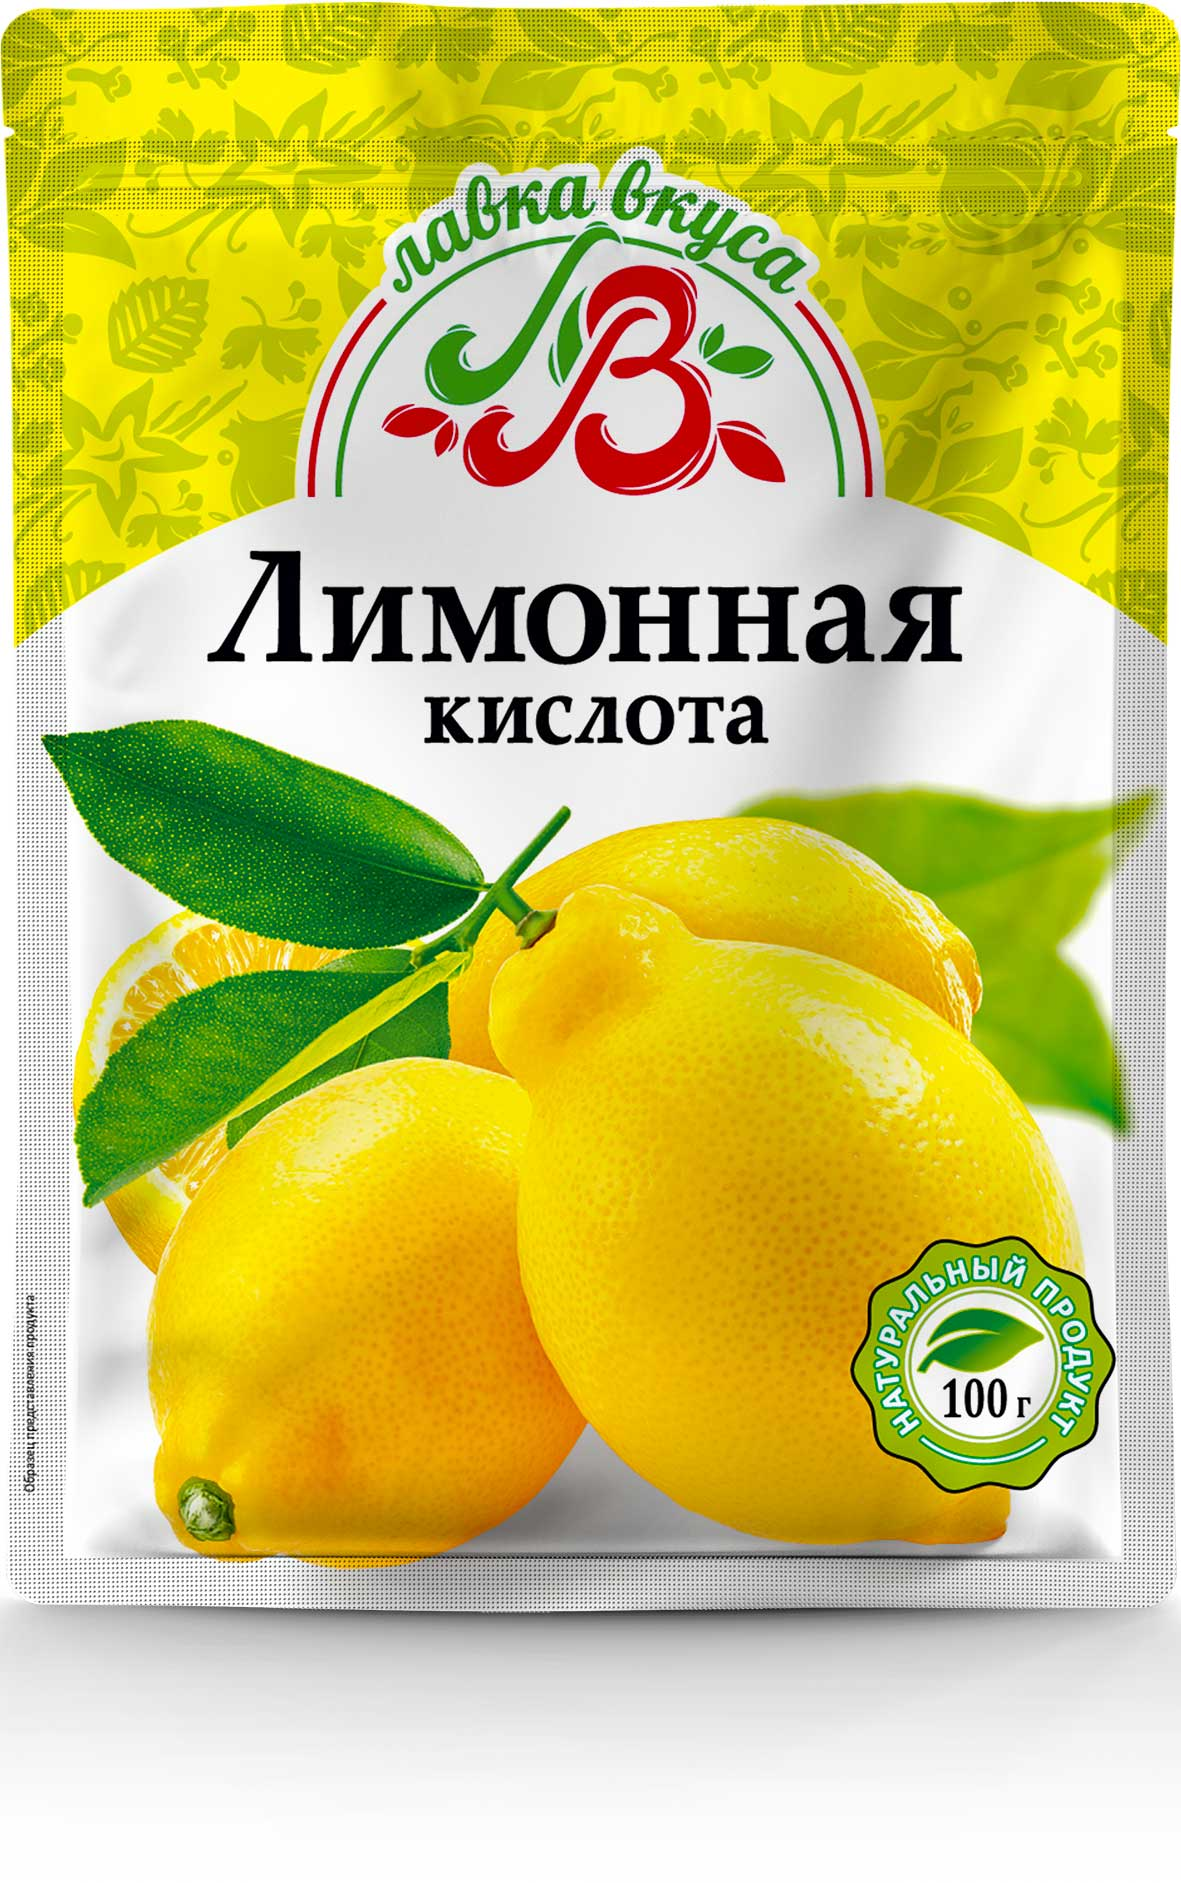 10 г лимонной кислоты